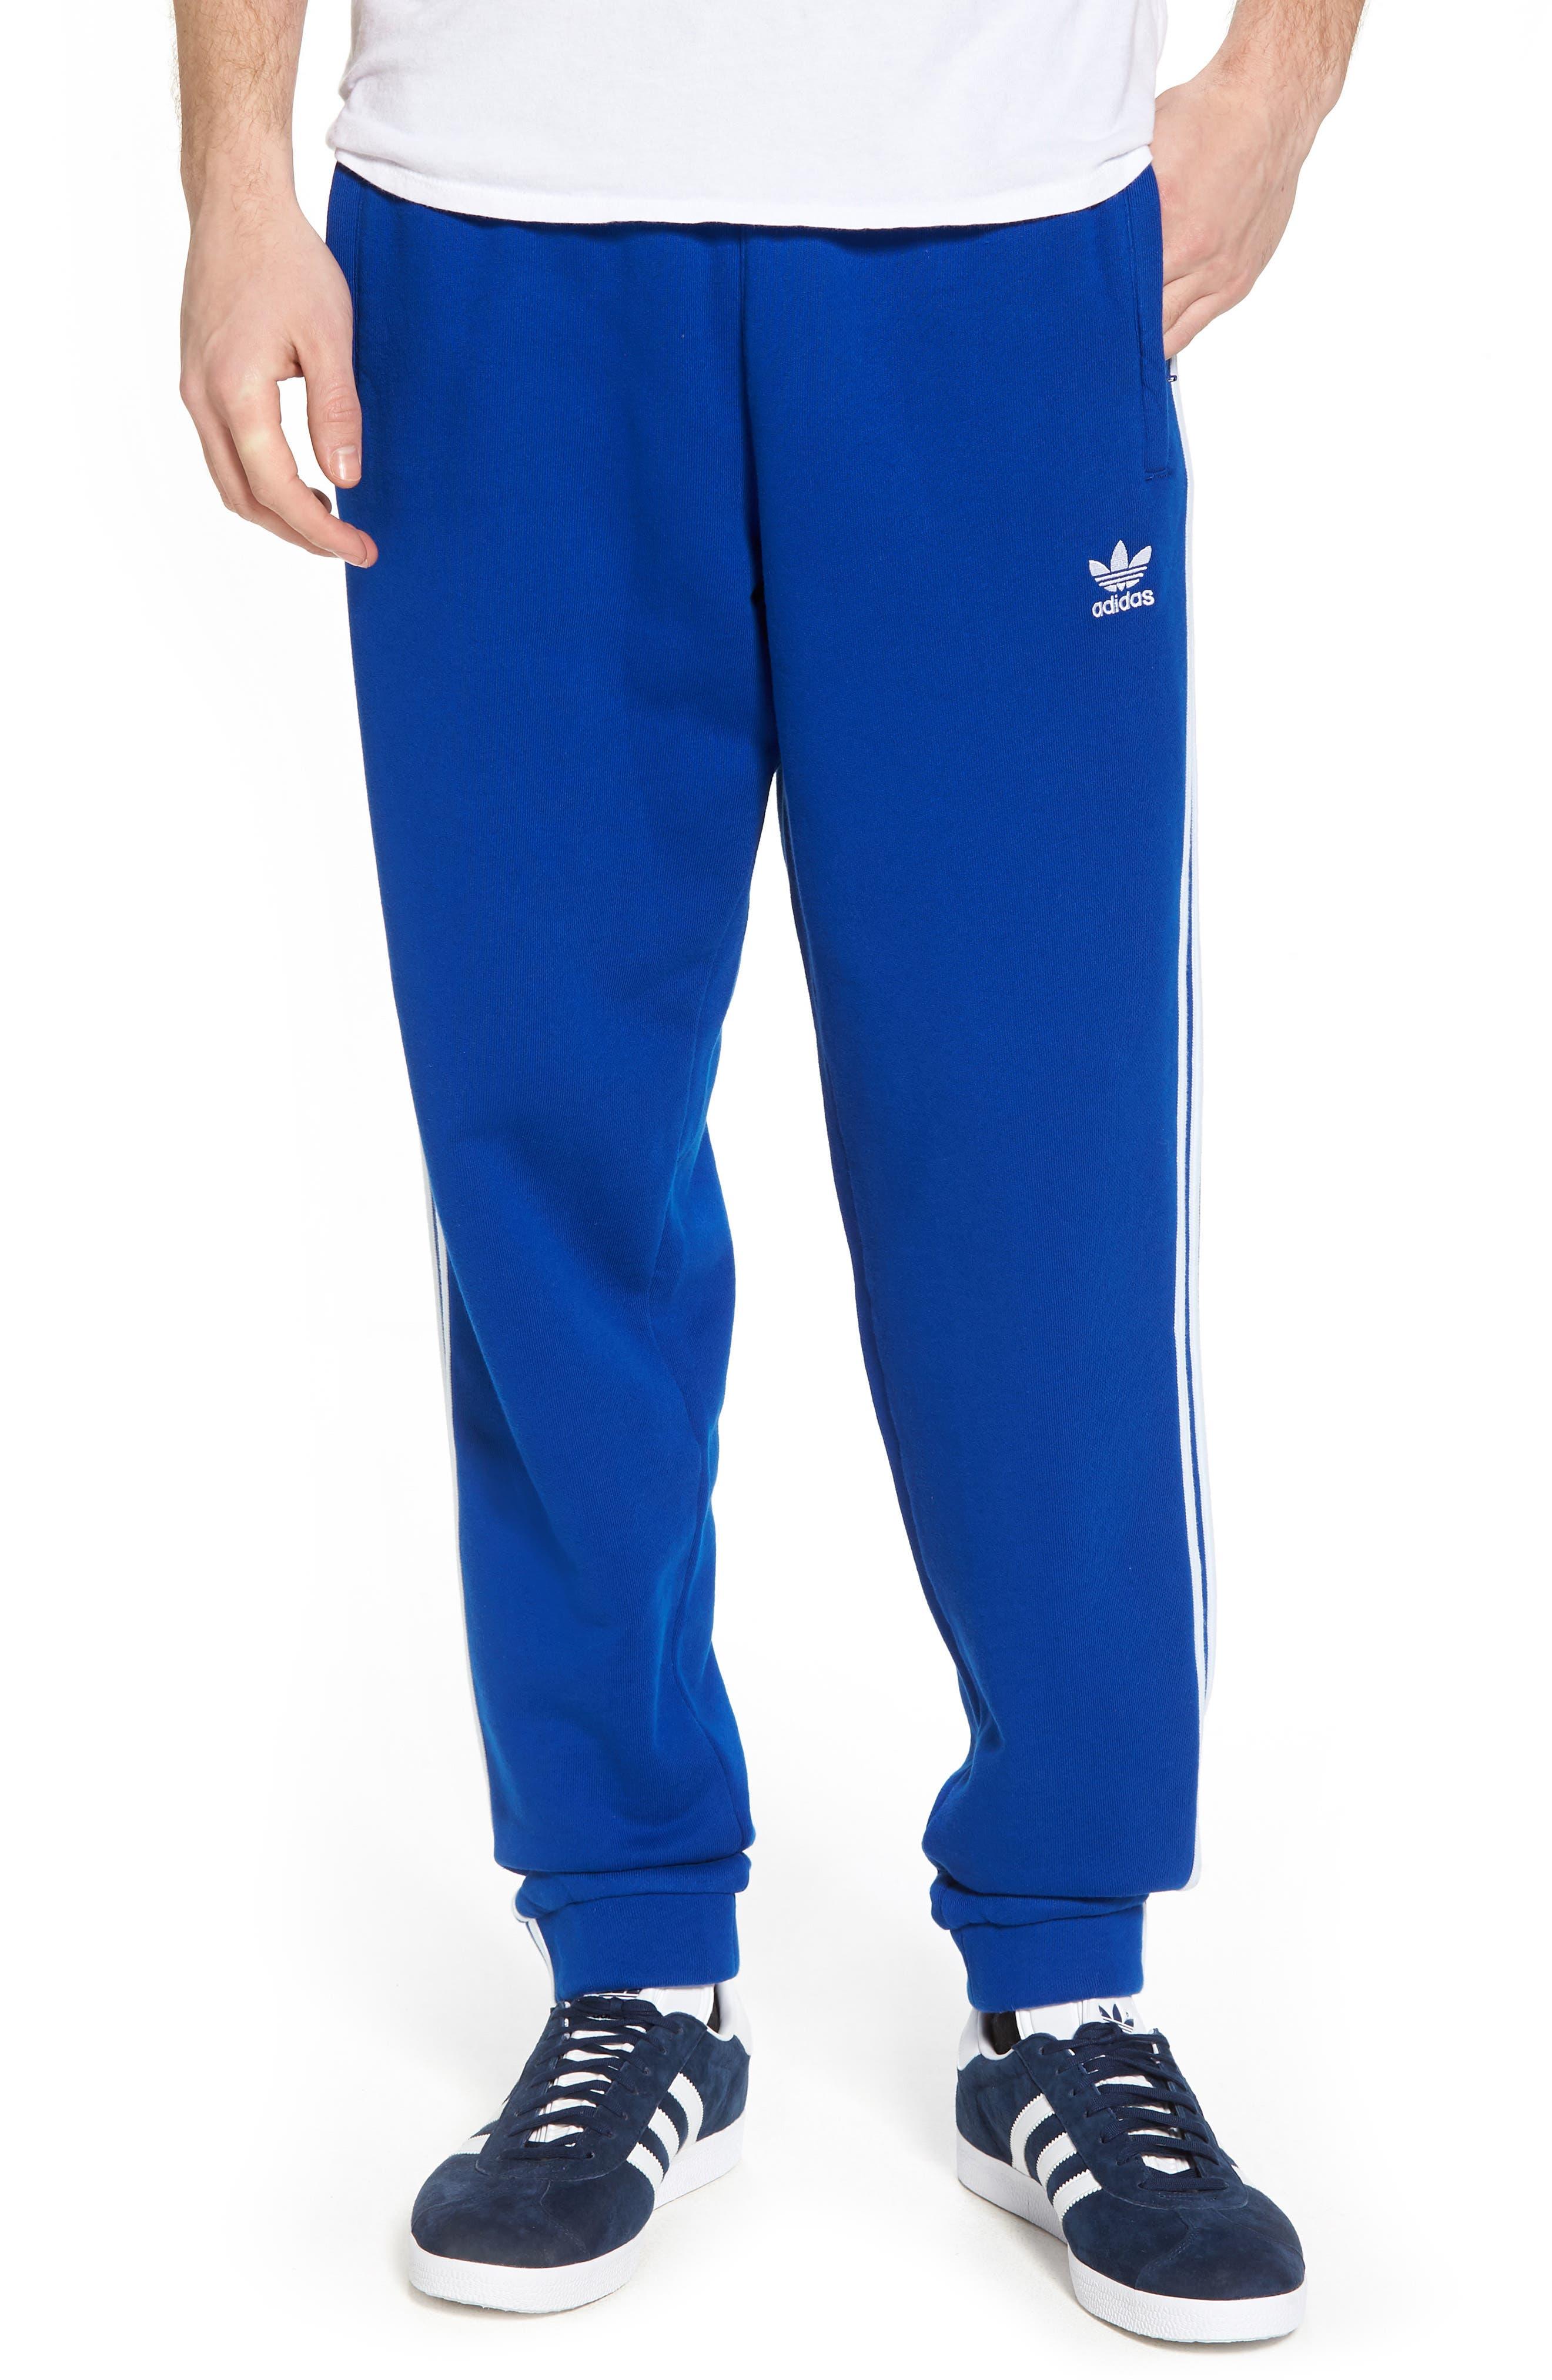 3-Stripes Sweatpants,                         Main,                         color, 400